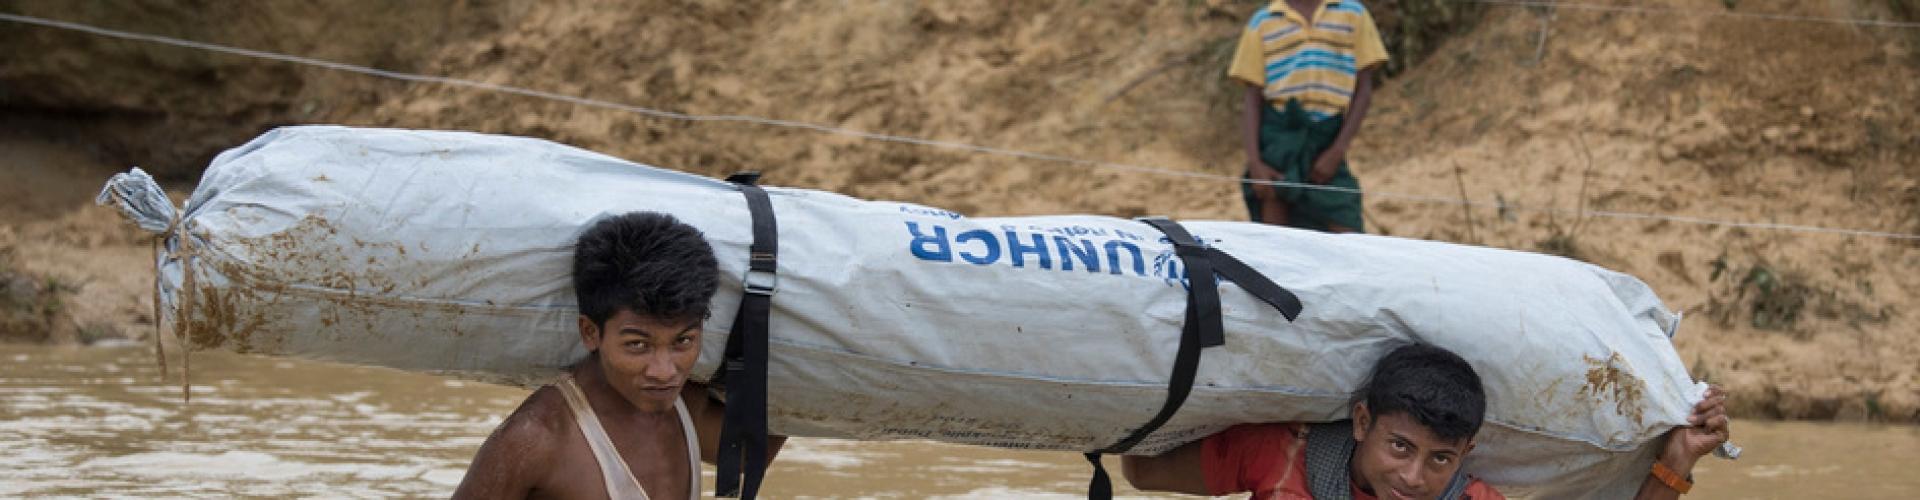 สถานการณ์ฉุกเฉินผู้ลี้ภัยที่บังคลาเทศ